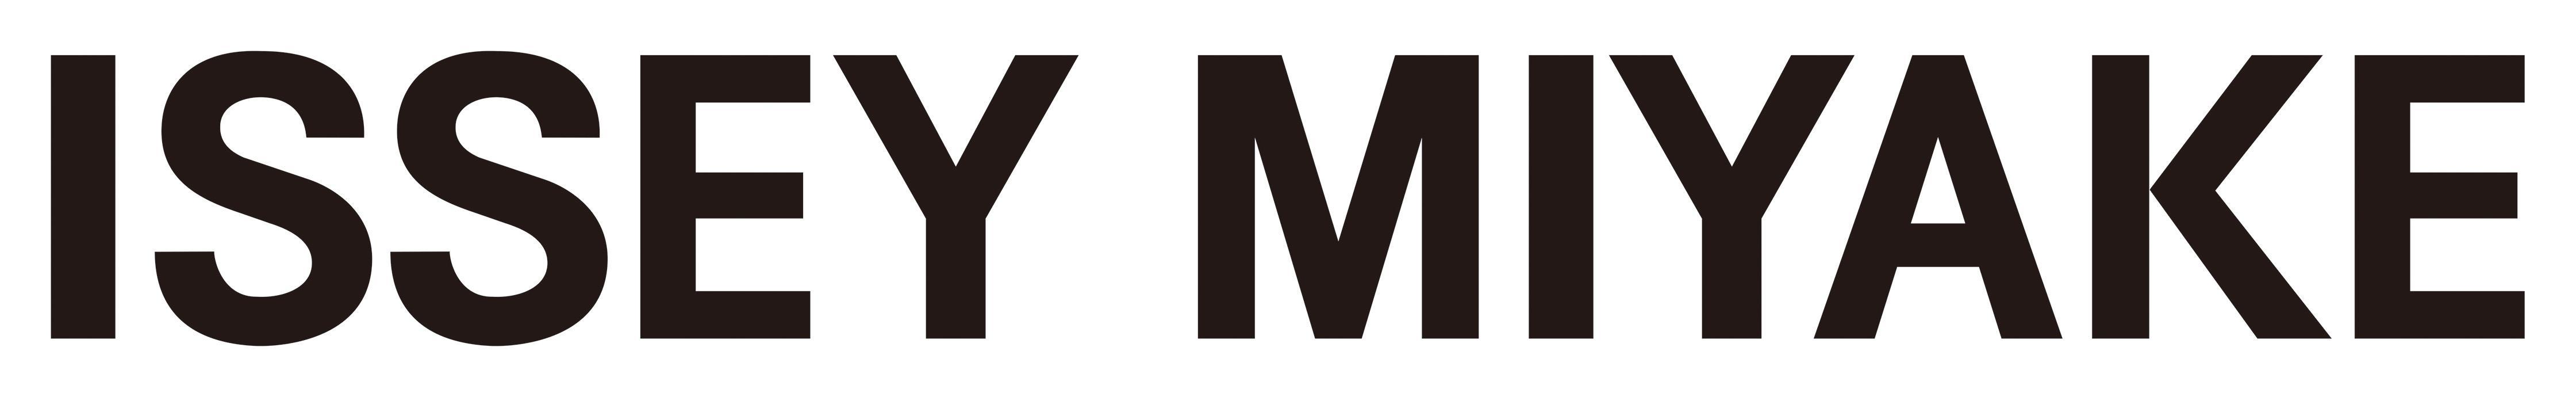 ブランドロゴISSEYMIYAKE_logo[1].jpg